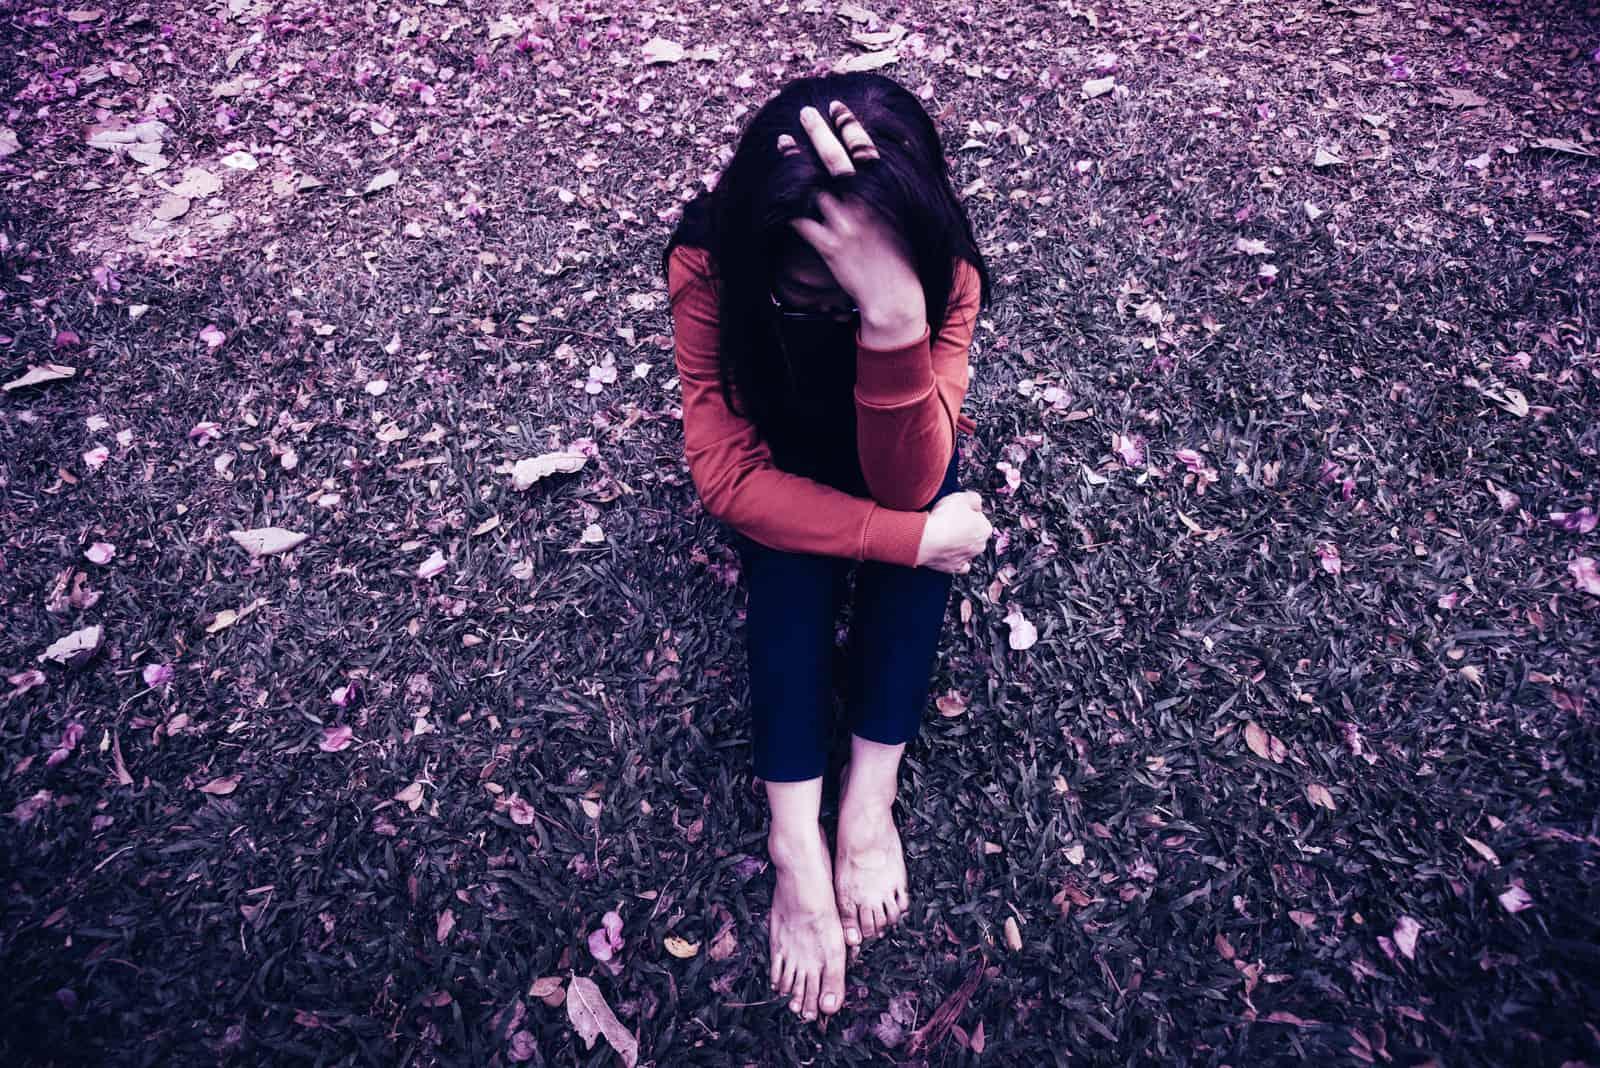 en sorglig barfota flicka som sitter på gräset